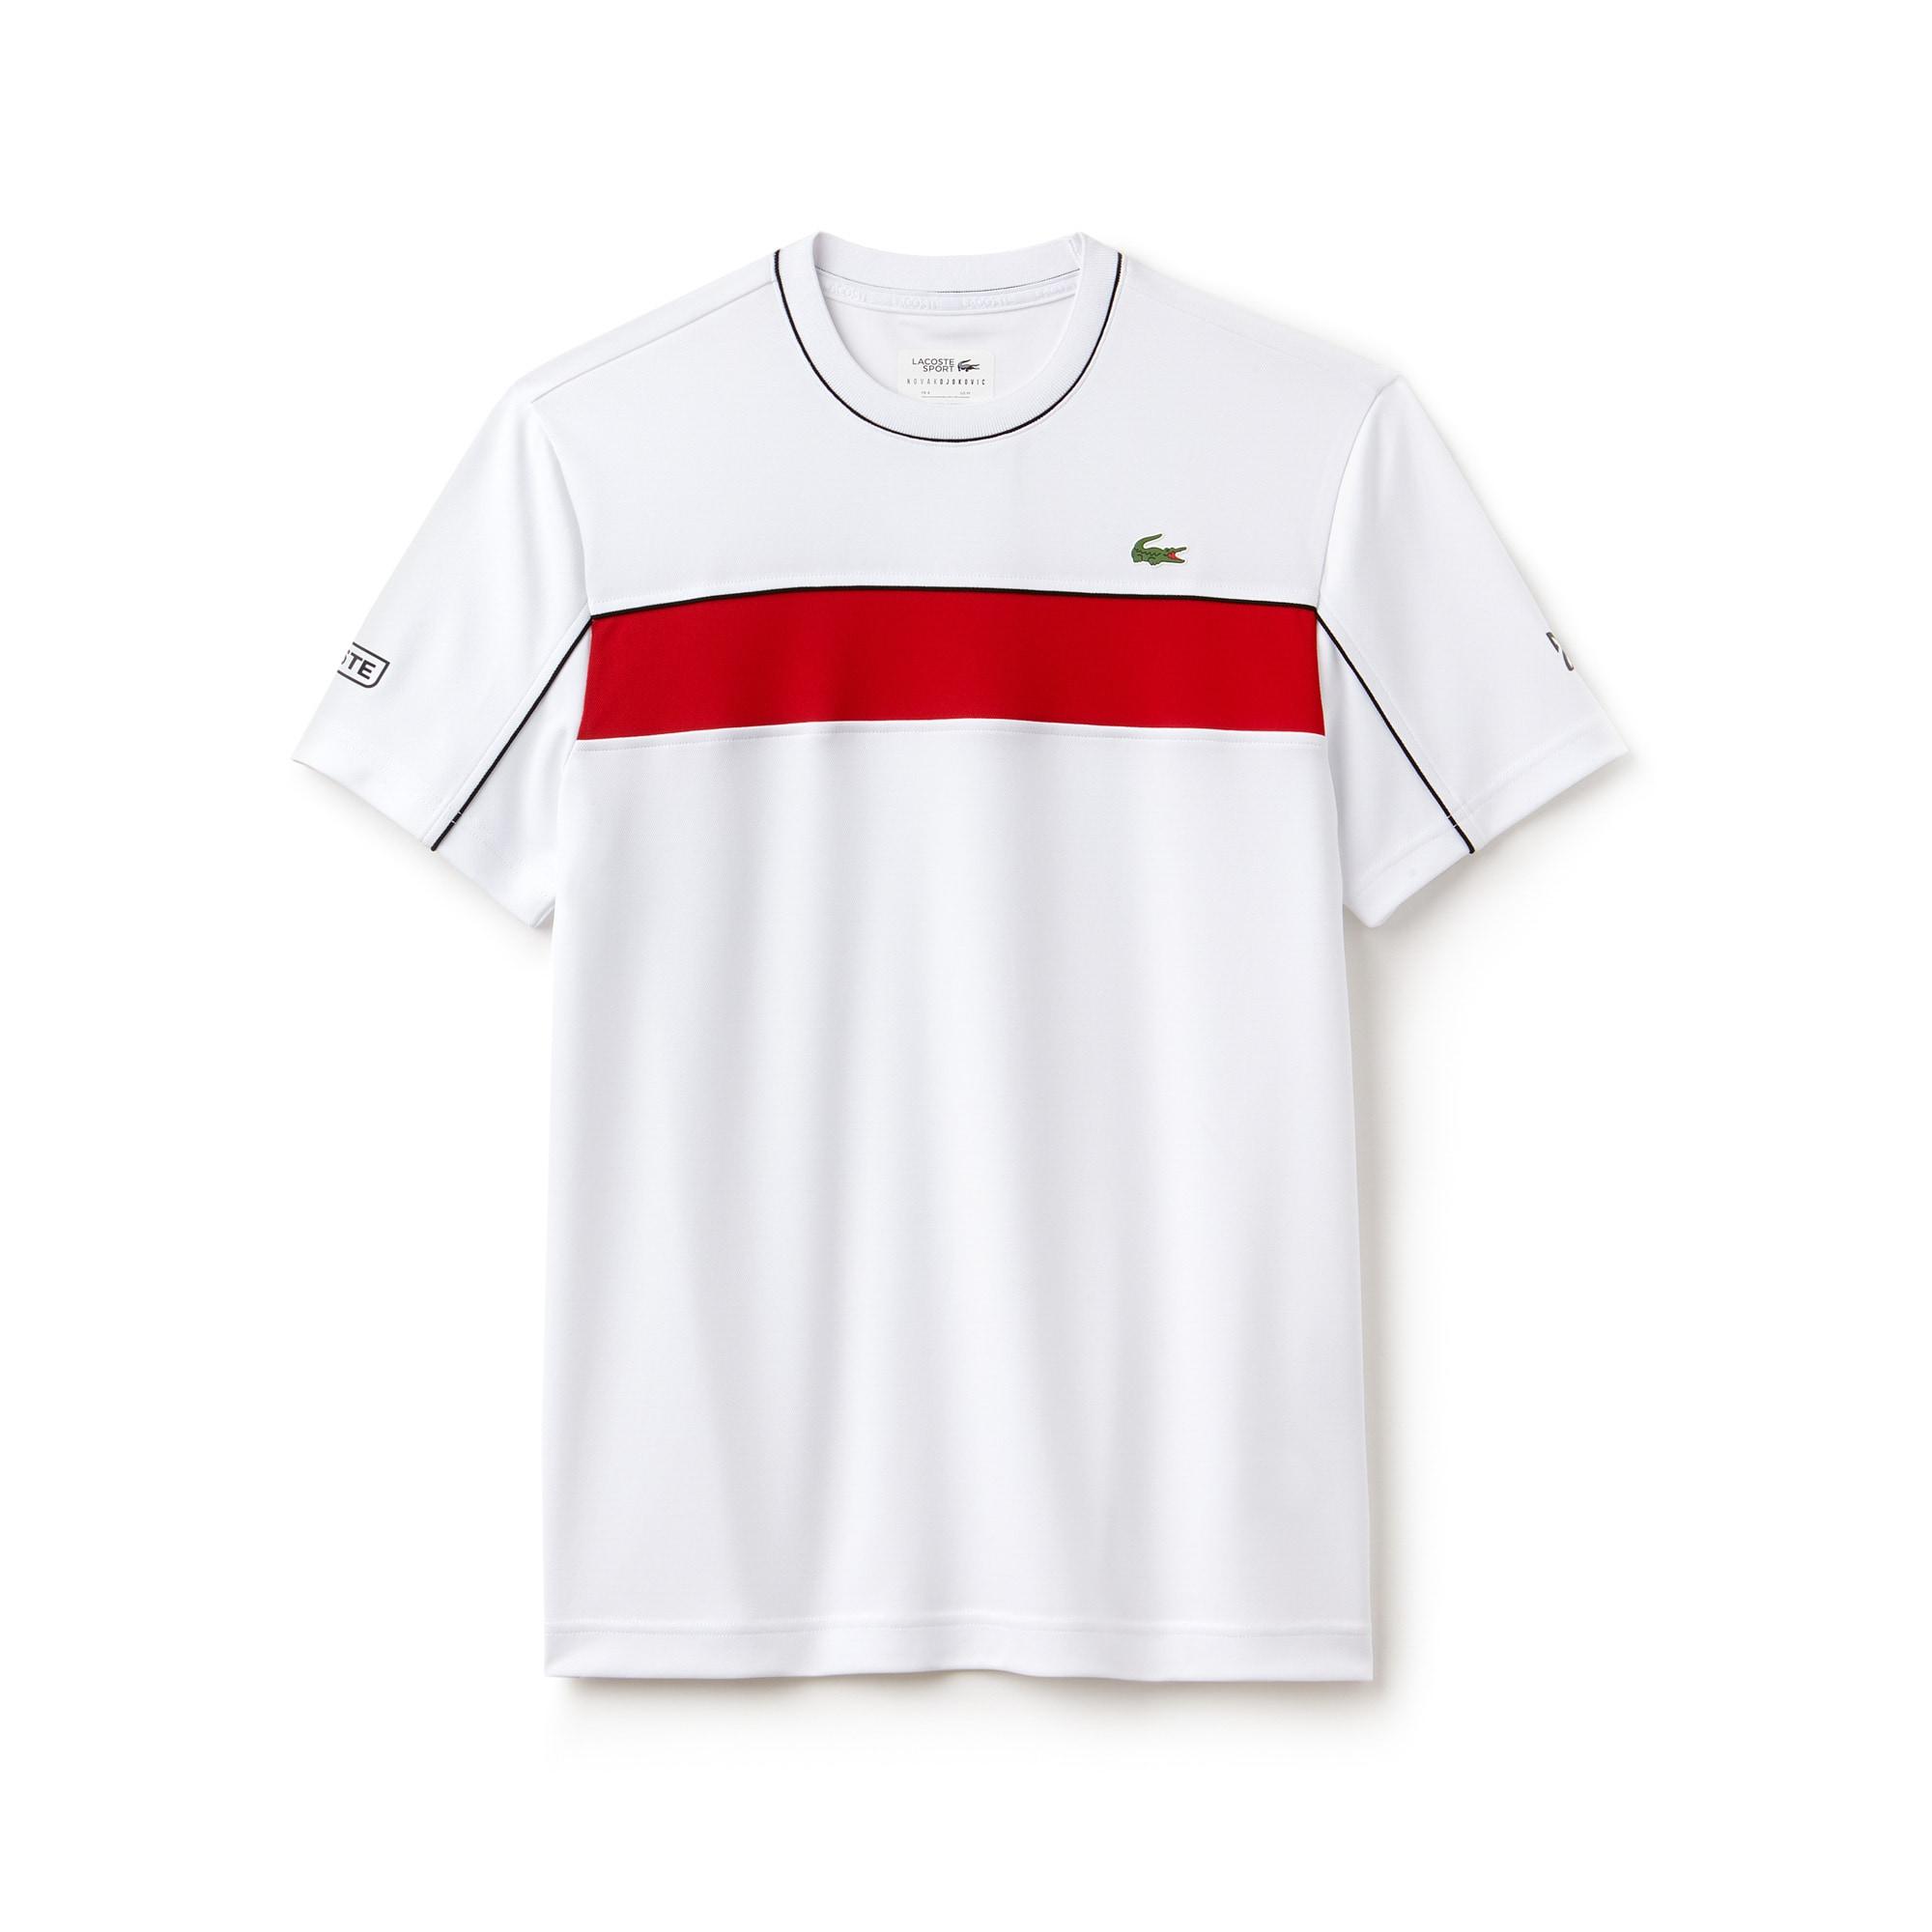 라코스테 스포츠 반팔 티셔츠 Lacoste Mens SPORT Pique T-Shirt - Novak Djokovic Collection,white/red-black